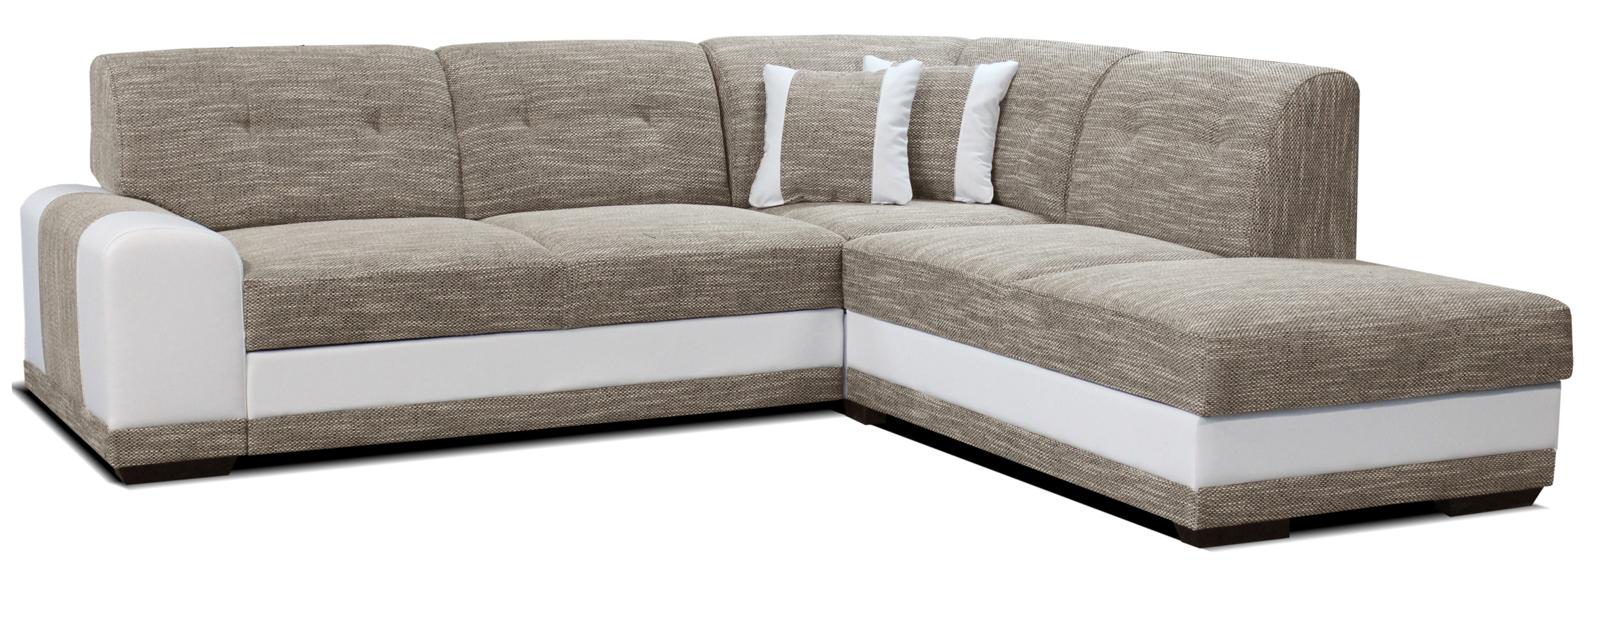 Rohová sedací souprava - Po-Sed - Bella Lux 2F+L (béžová + bílá) (P)